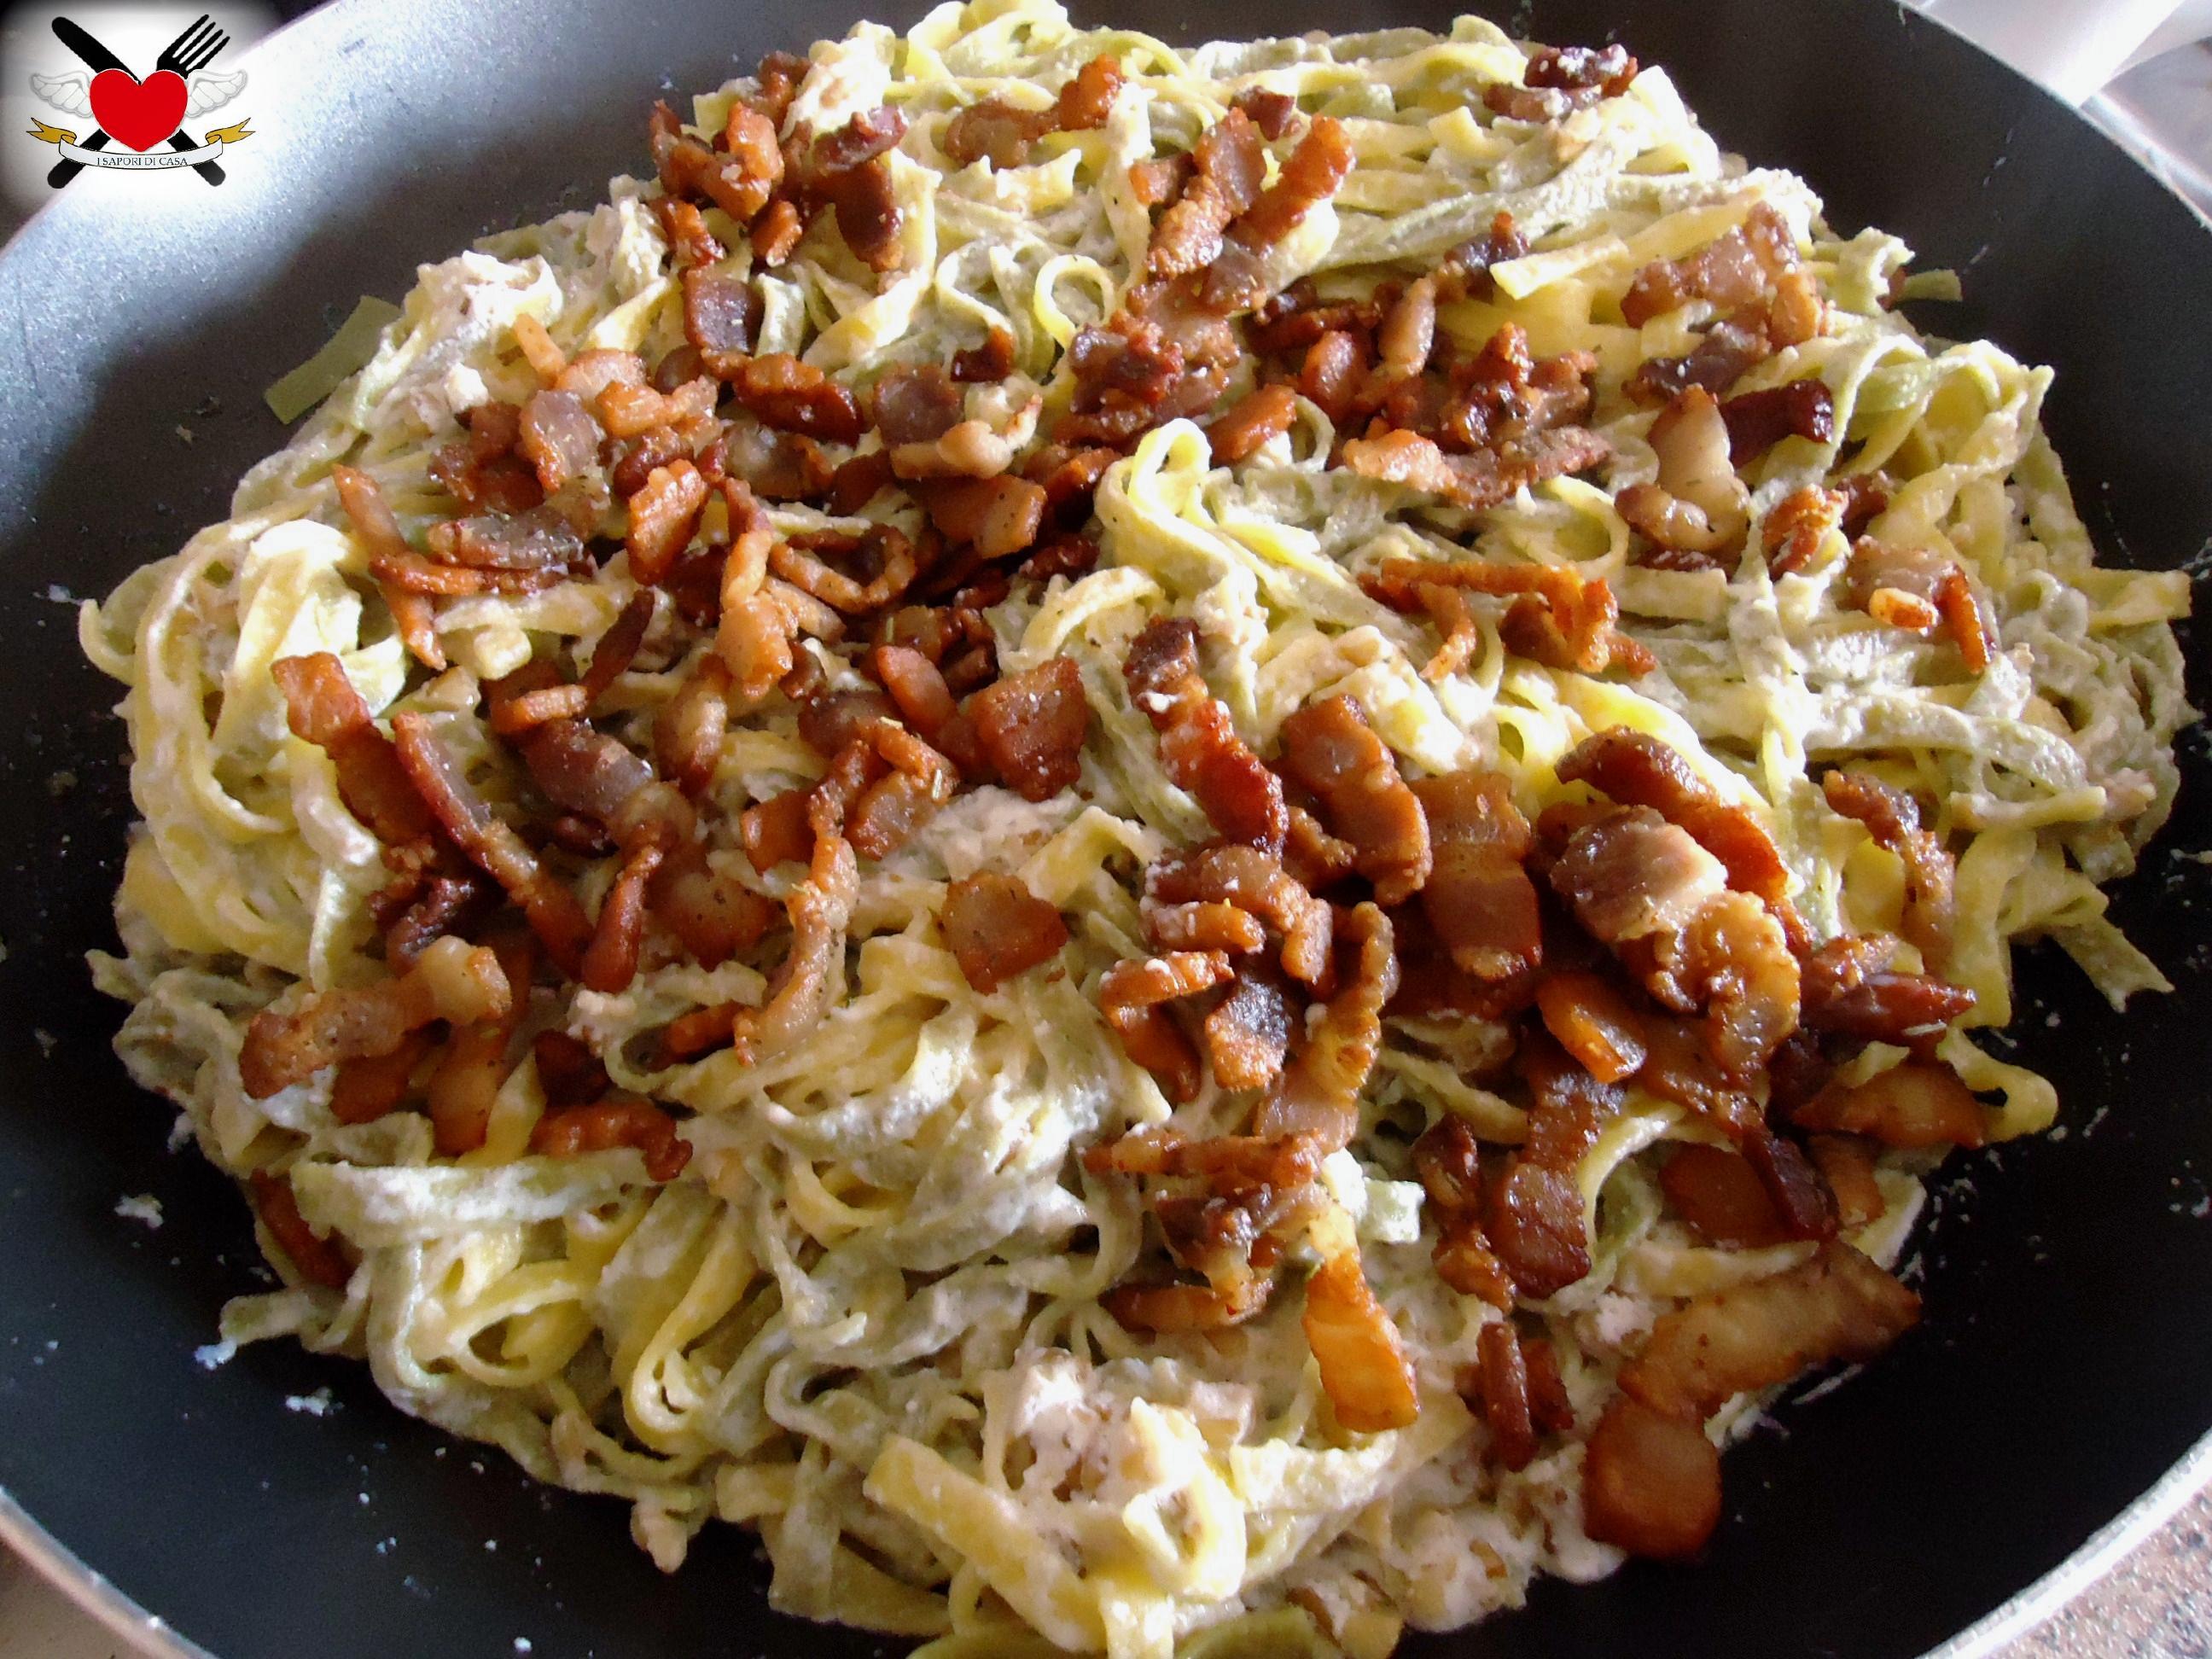 Paglia e fieno con ricotta noci e pancetta croccante